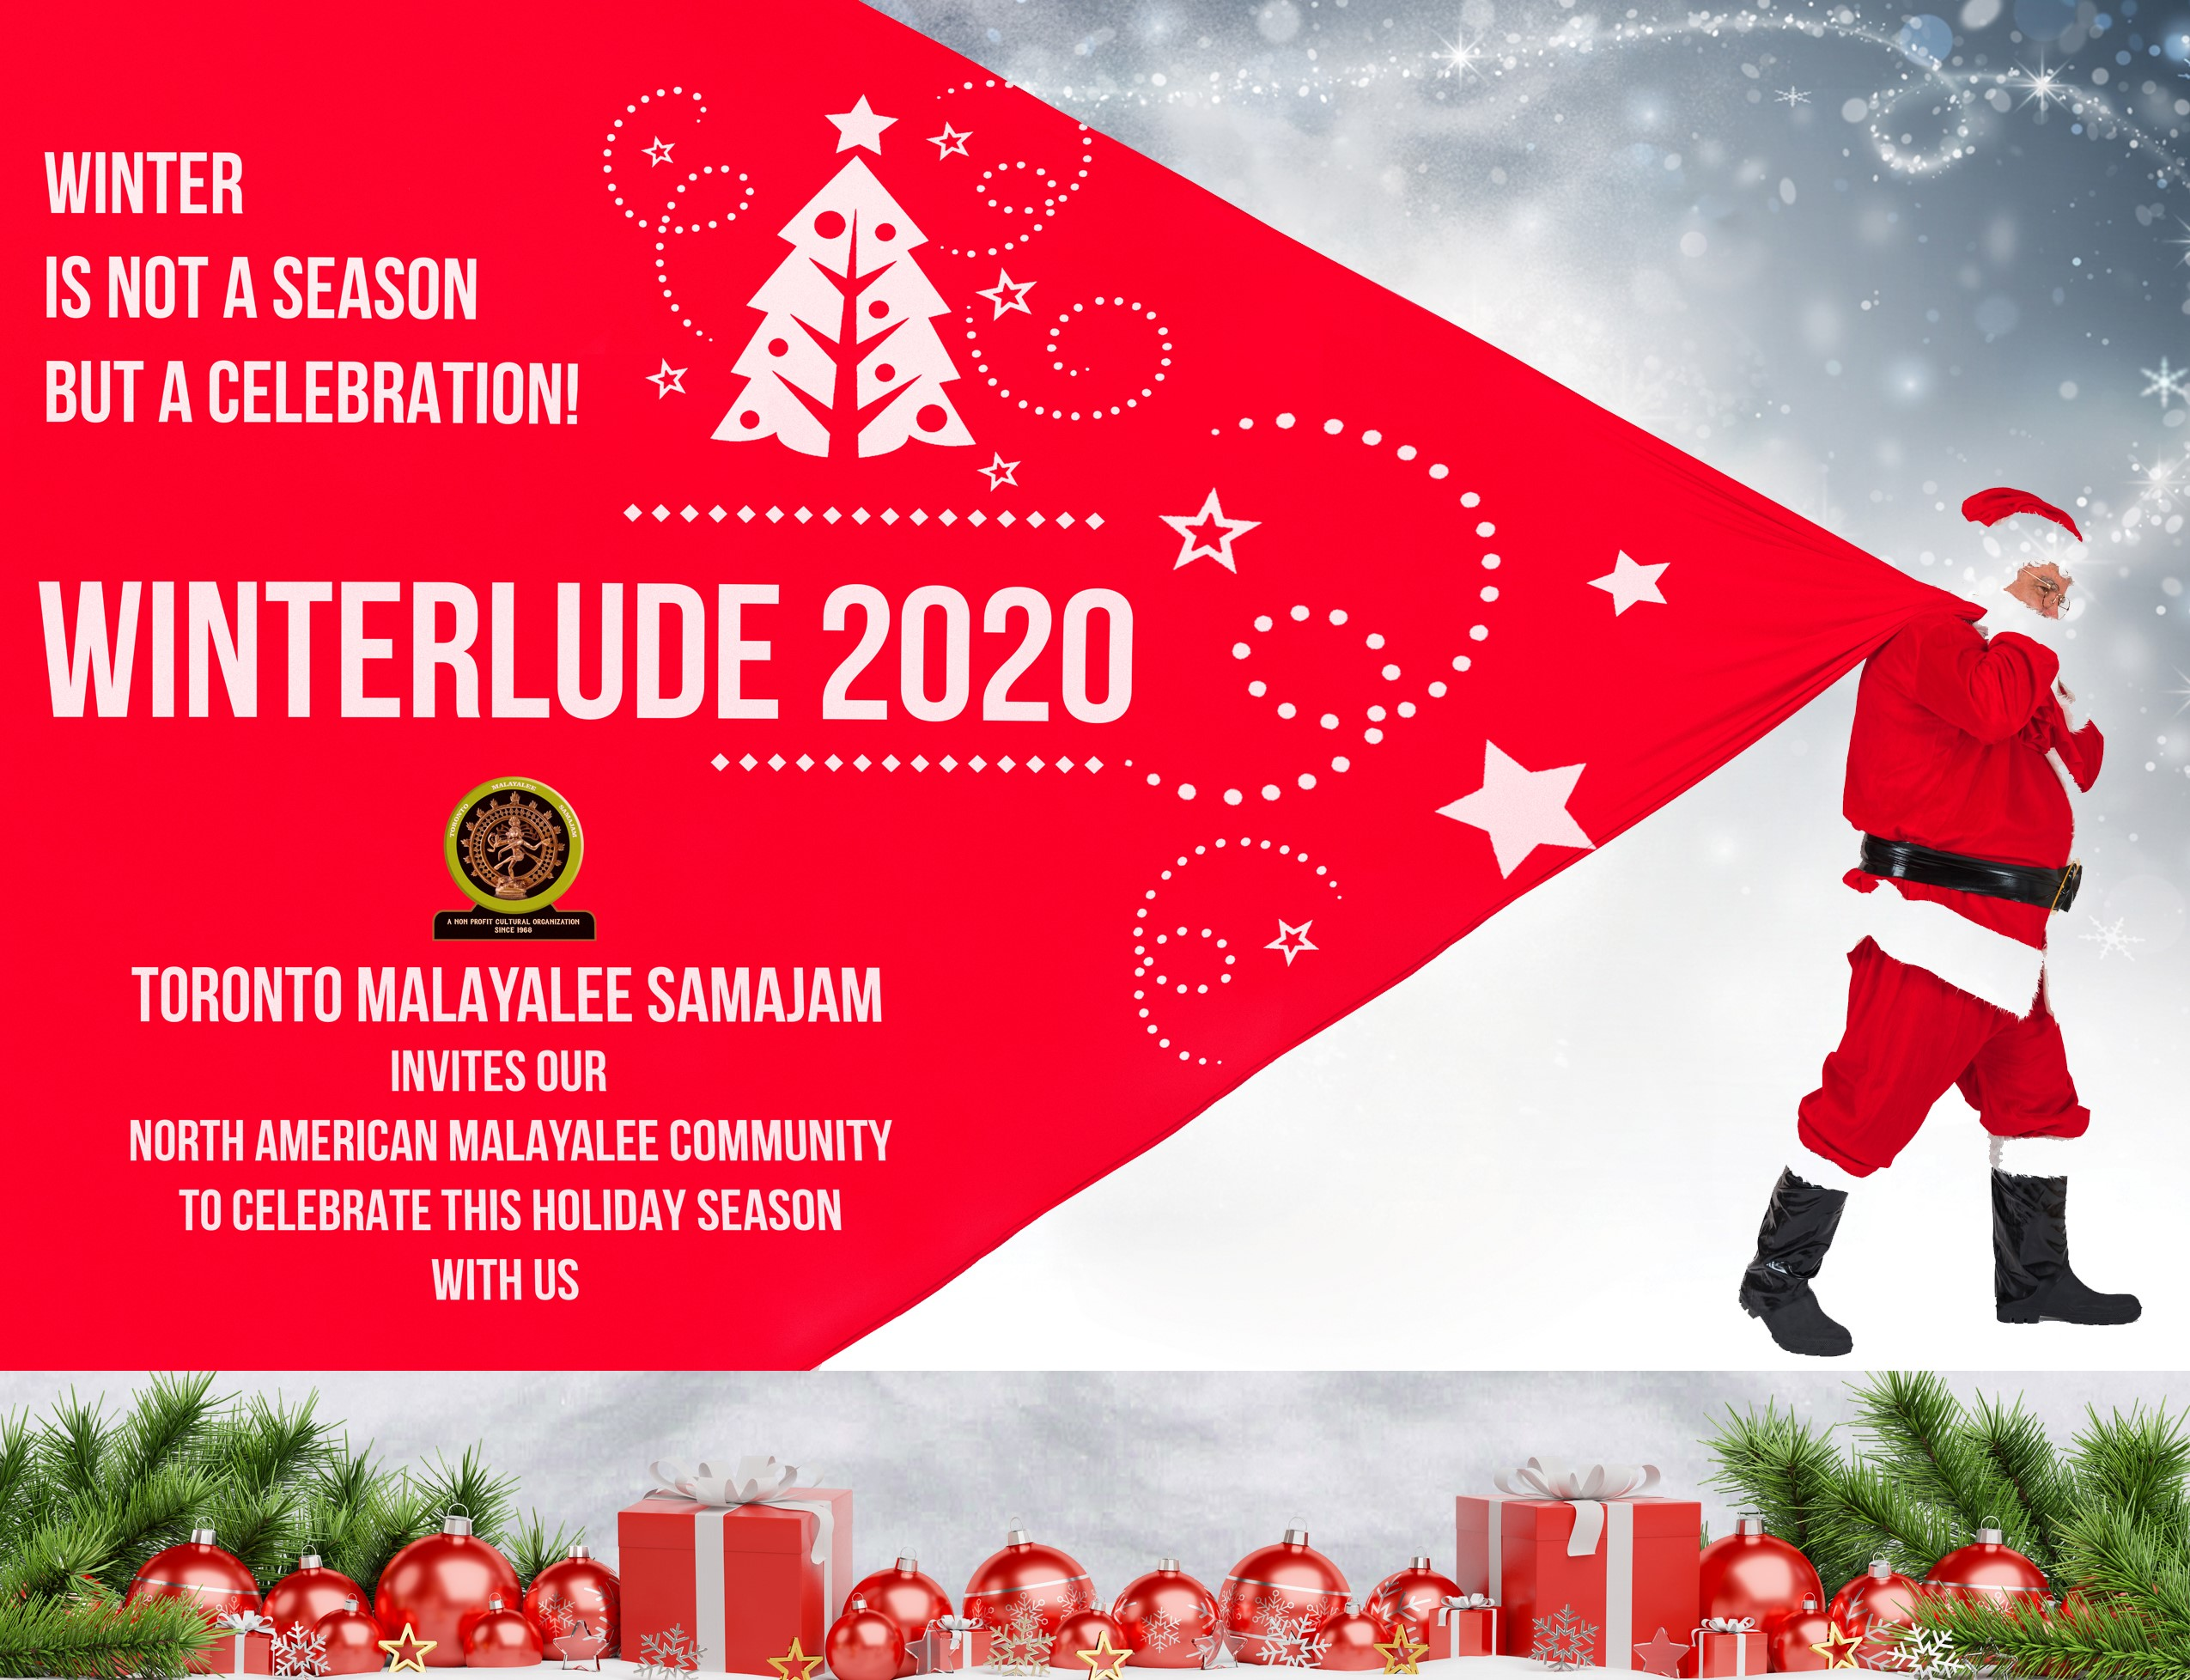 Winterlude-2020